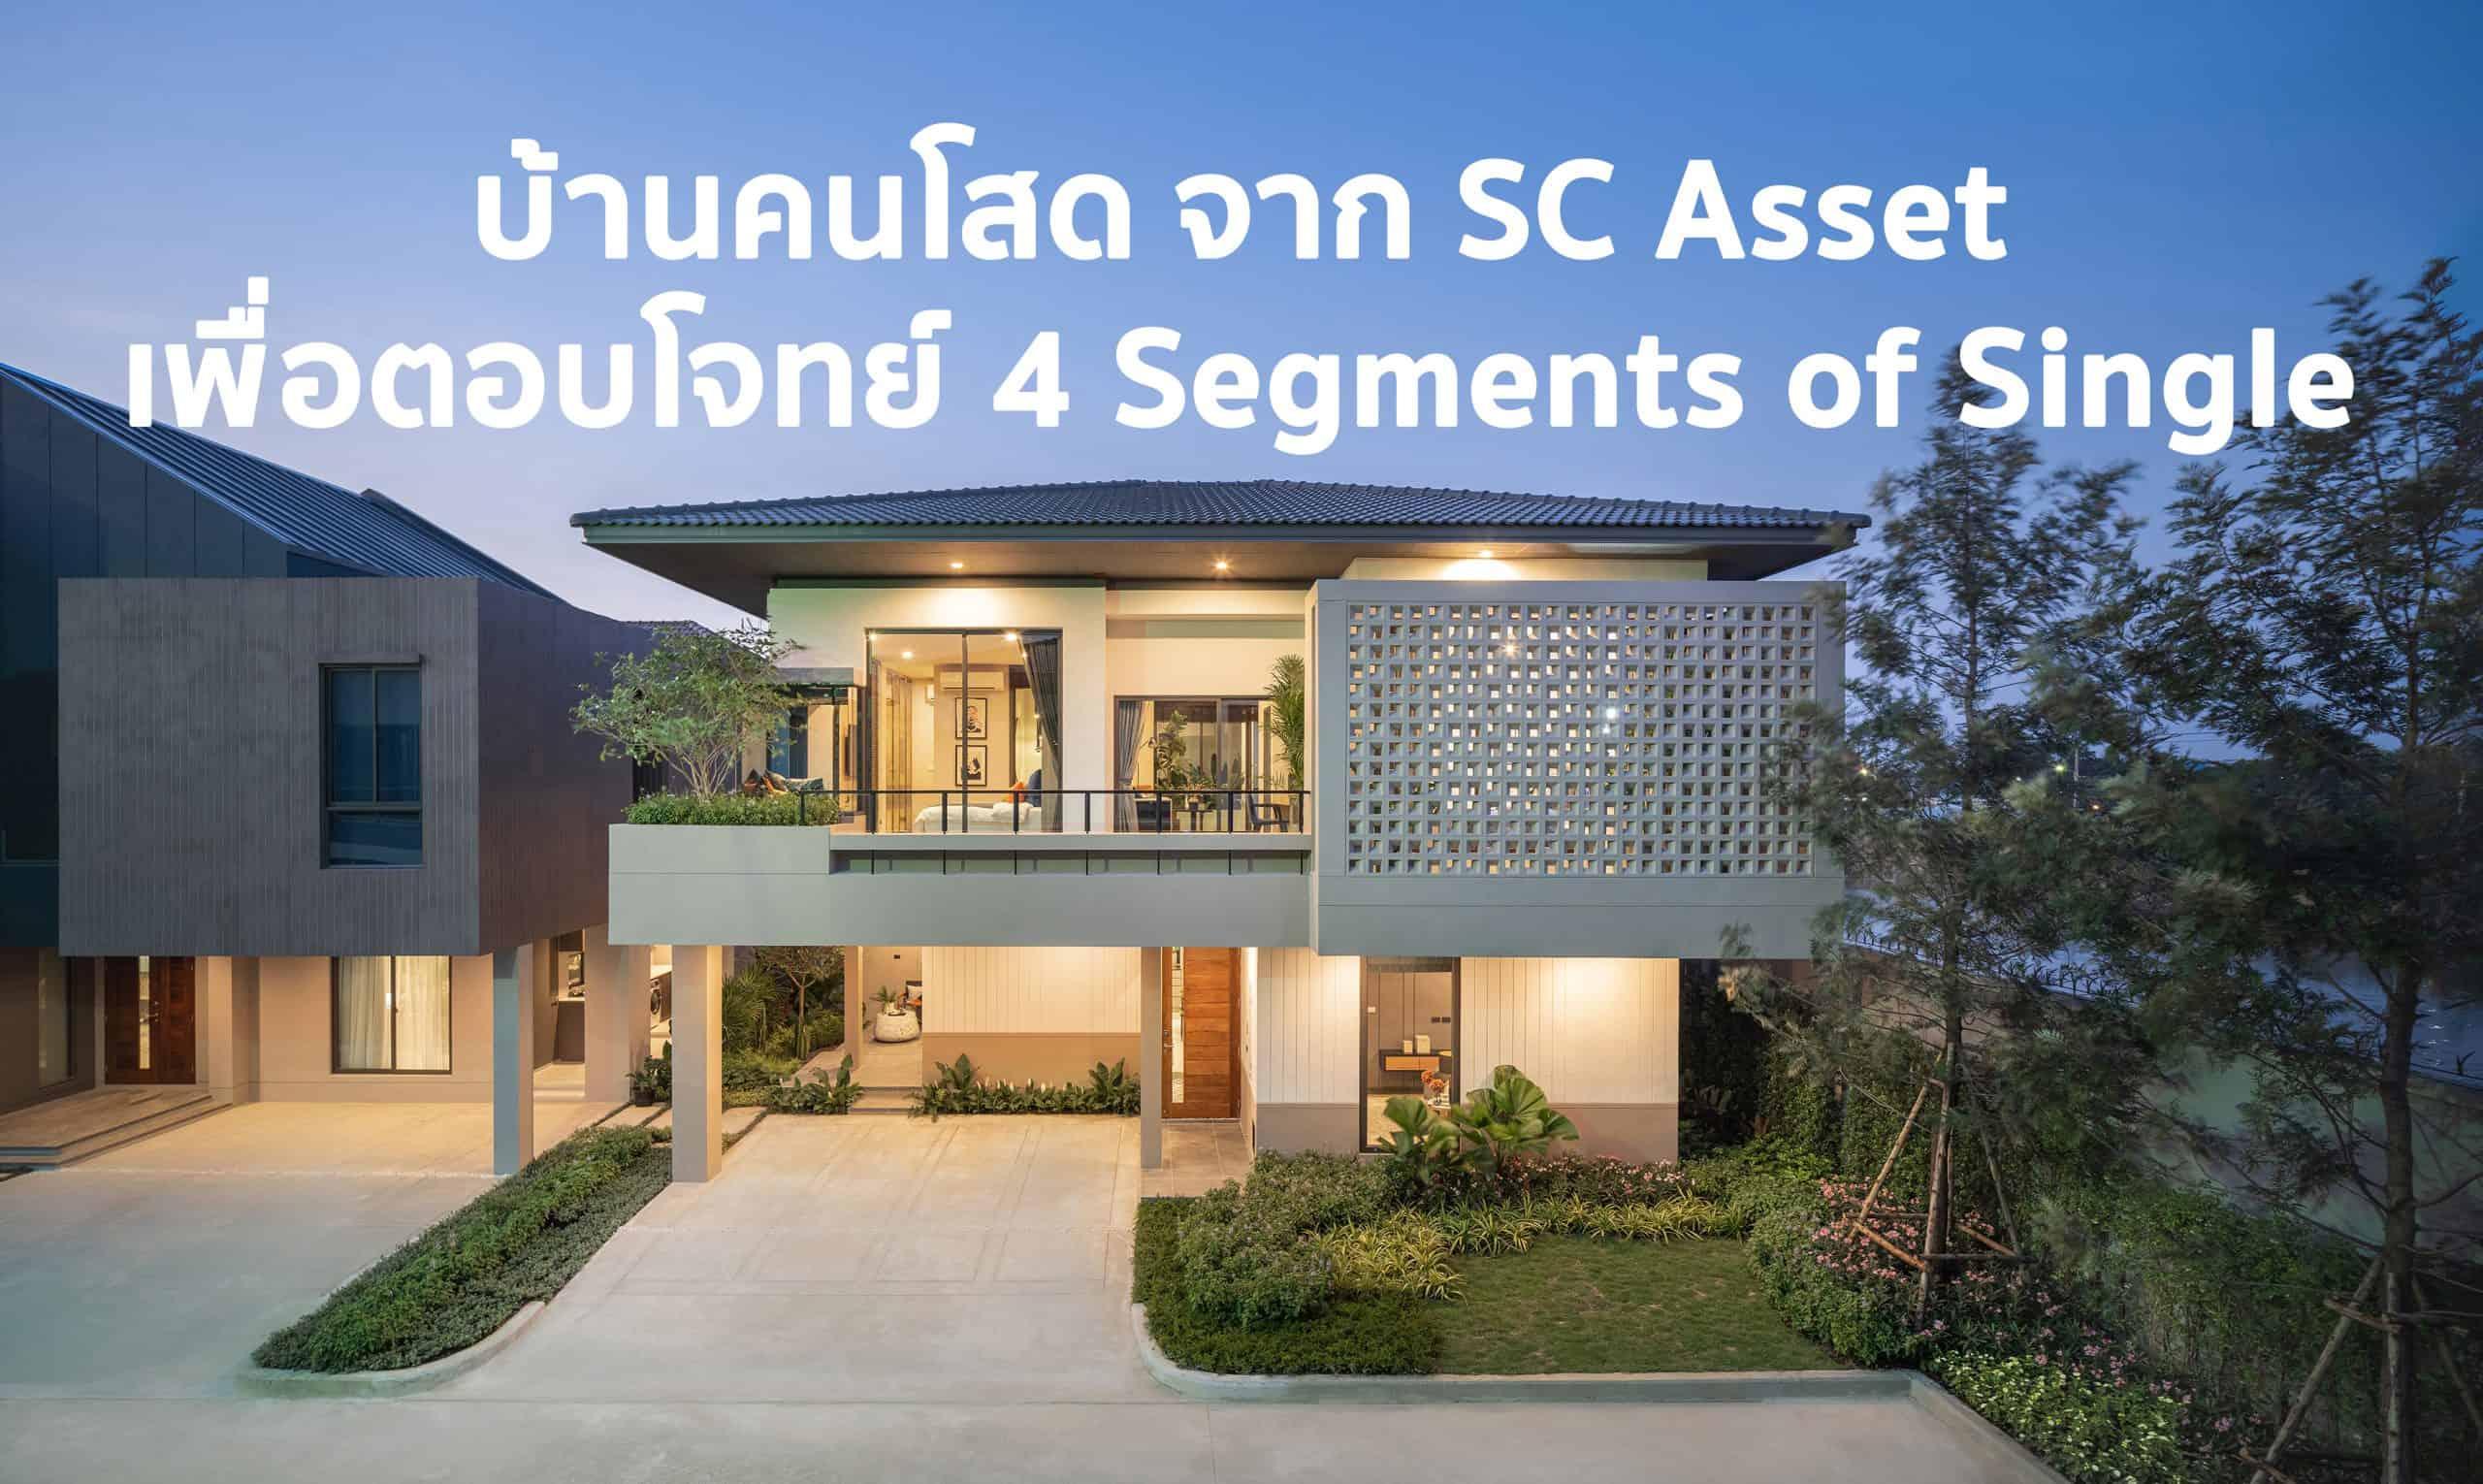 บ้านคนโสด ที่ตอบโจทย์ 4 Segments of Single ชีวิตโสด 5.0 โดย SC Asset